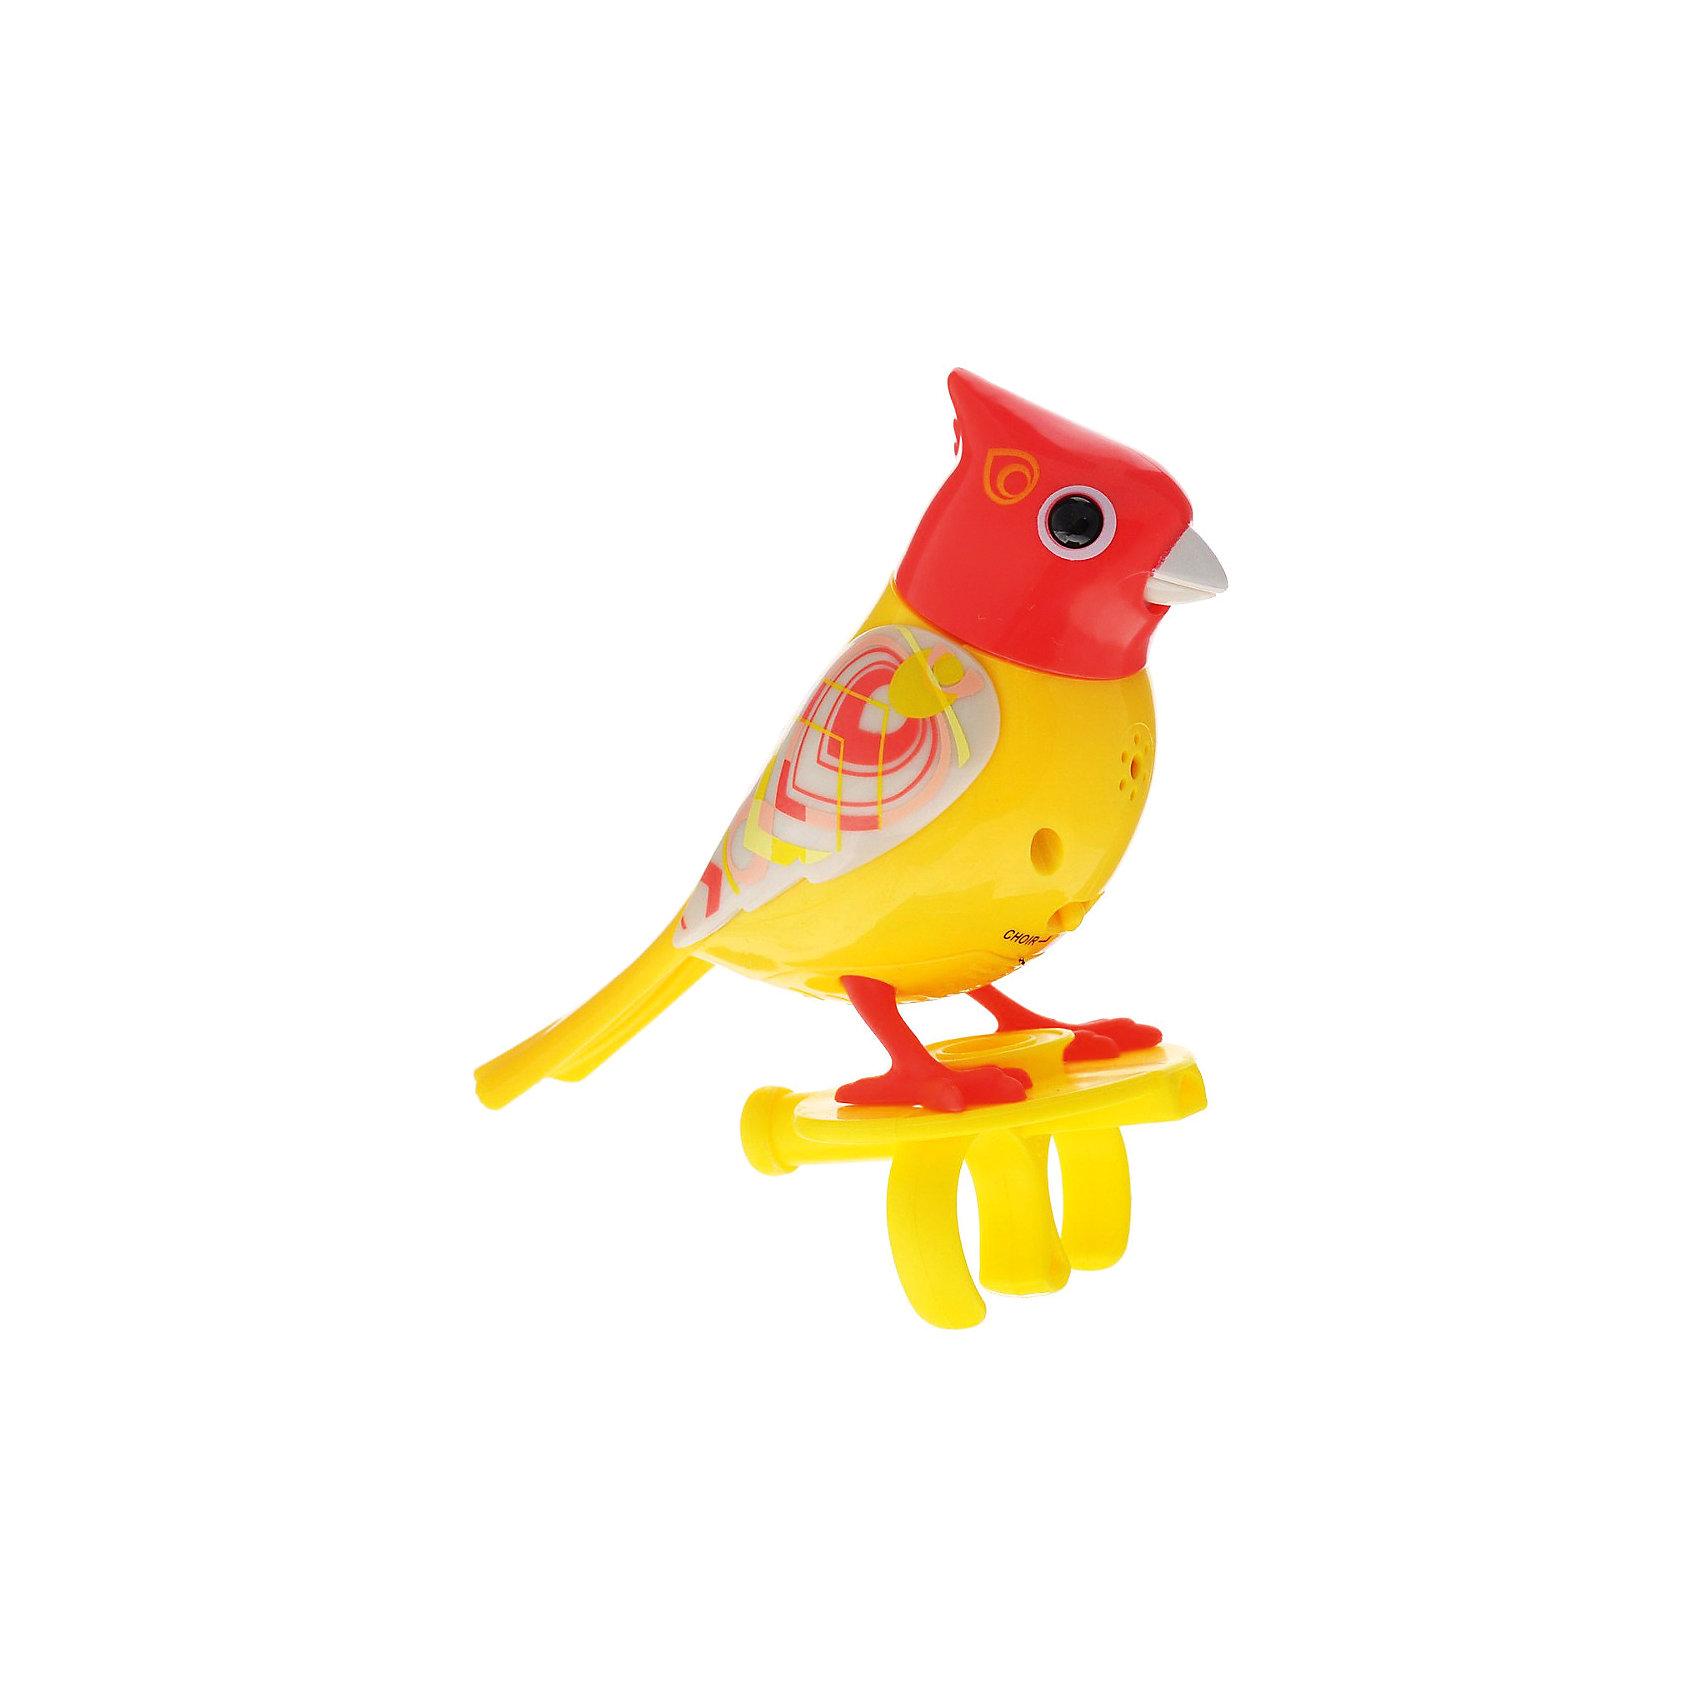 Поющая птичка с кольцом, красная, DigiBirdsИнтерактивные животные<br>Поющая птичка с кольцом, красная, DigiBirds, Silverlit (Сильверлит) ? музыкальная игрушка от мирового производителя детских товаров Silverlit (Сильверлит). Птичка оснащена световыми и звуковыми эффектами. Ее творческий репертуар состоит из 20 песенок, которые исполняются как в сольном виде, так и в хоровом. Птичка выполнена из высокопрочного пластика ярких расцветок. Активируется птичка тремя способами: на нее достаточно подуть или посвистеть в свисток, который идет в комплекте, или резко взмахнуть по воздуху, держа птичку в руке. <br>Поющая птичка с кольцом, красная, DigiBirds, Silverlit (Сильверлит)  ? совершенно уникальная игрушка, которая не только развлекает вашего ребенка, но и занимается его музыкальным развитием. В первую очередь, она способствует формированию музыкального слуха и памяти. Простые действия: подуть в свисток, подуть на птичку ? простые, но очень эффективные упражнения, которые направлены на развитие речевого аппарата.<br>Поющая птичка с кольцом, красная, DigiBirds, Silverlit (Сильверлит) ? это миниатюрный музыкальный центр для вашего ребенка.<br><br>Дополнительная информация:<br><br>- Вид игр: сюжетно-ролевые игры <br>- Предназначение: для дома<br>- Дополнительные функции: синхронизация со всеми персонажами DigiFriends<br>- Батарейки: 3 шт. LR44<br>- Материал: высококачественный пластик<br>- Размер (ДхШхВ): 6,4*15,2*10,2 см<br>- Вес: 91 г<br>- Комплектация: птичка, свисток-кольцо, инструкция, батарейки<br>- Особенности ухода: протирать влажной губкой<br><br>ВНИМАНИЕ! Данный артикул имеется в наличии в разных цветовых исполнениях (сиреневый, синий, красный, розовый). К сожалению, заранее выбрать определенный цвет невозможно. <br><br>Подробнее:<br><br>• Для детей в возрасте: от 3 лет и до 7 лет <br>• Страна производитель: Китай<br>• Торговый бренд: Silverlit<br><br>Поющую птичку с кольцом, красную, DigiBirds, Silverlit (Сильверлит) можно купить в нашем интернет-магазине.<br><br